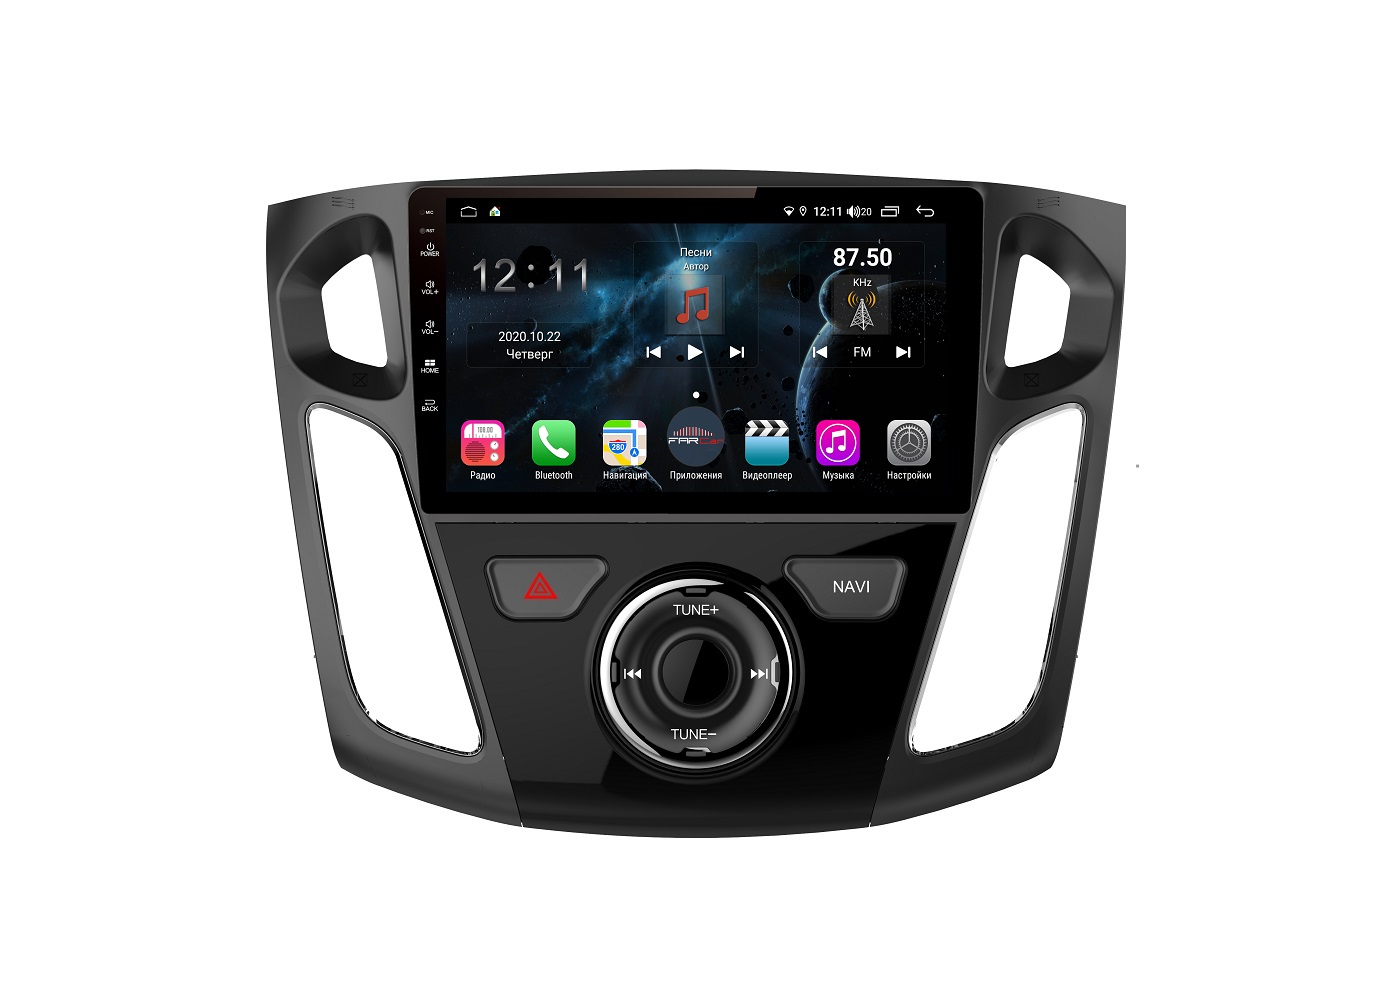 Штатная магнитола FarCar s400 для Ford Focus 3 на Android (H150/501R) (+ Камера заднего вида в подарок!)